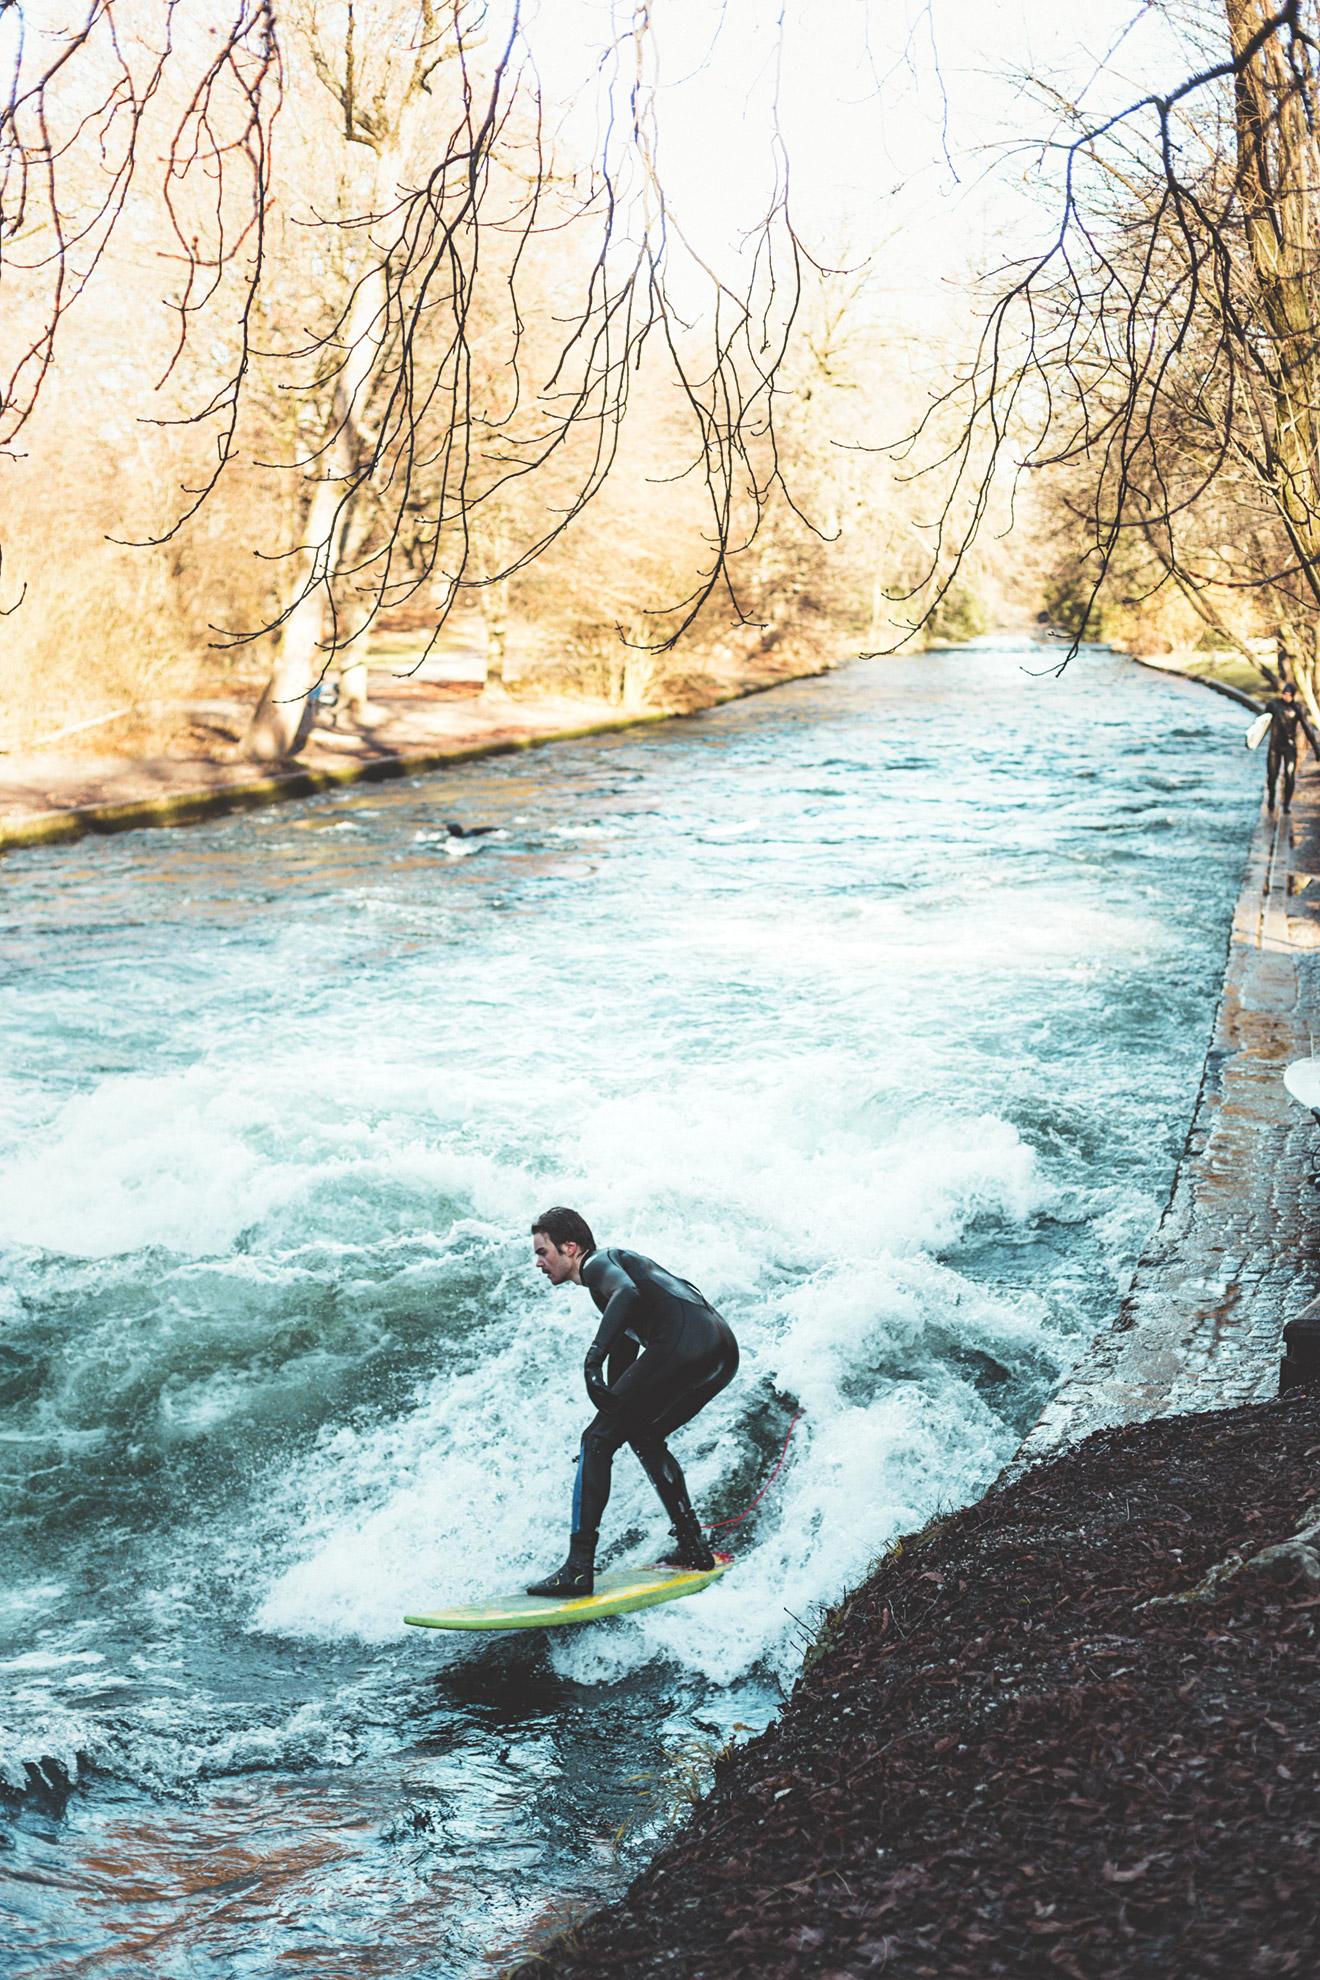 riversurfing_jokisurffaus_surffau_munchen